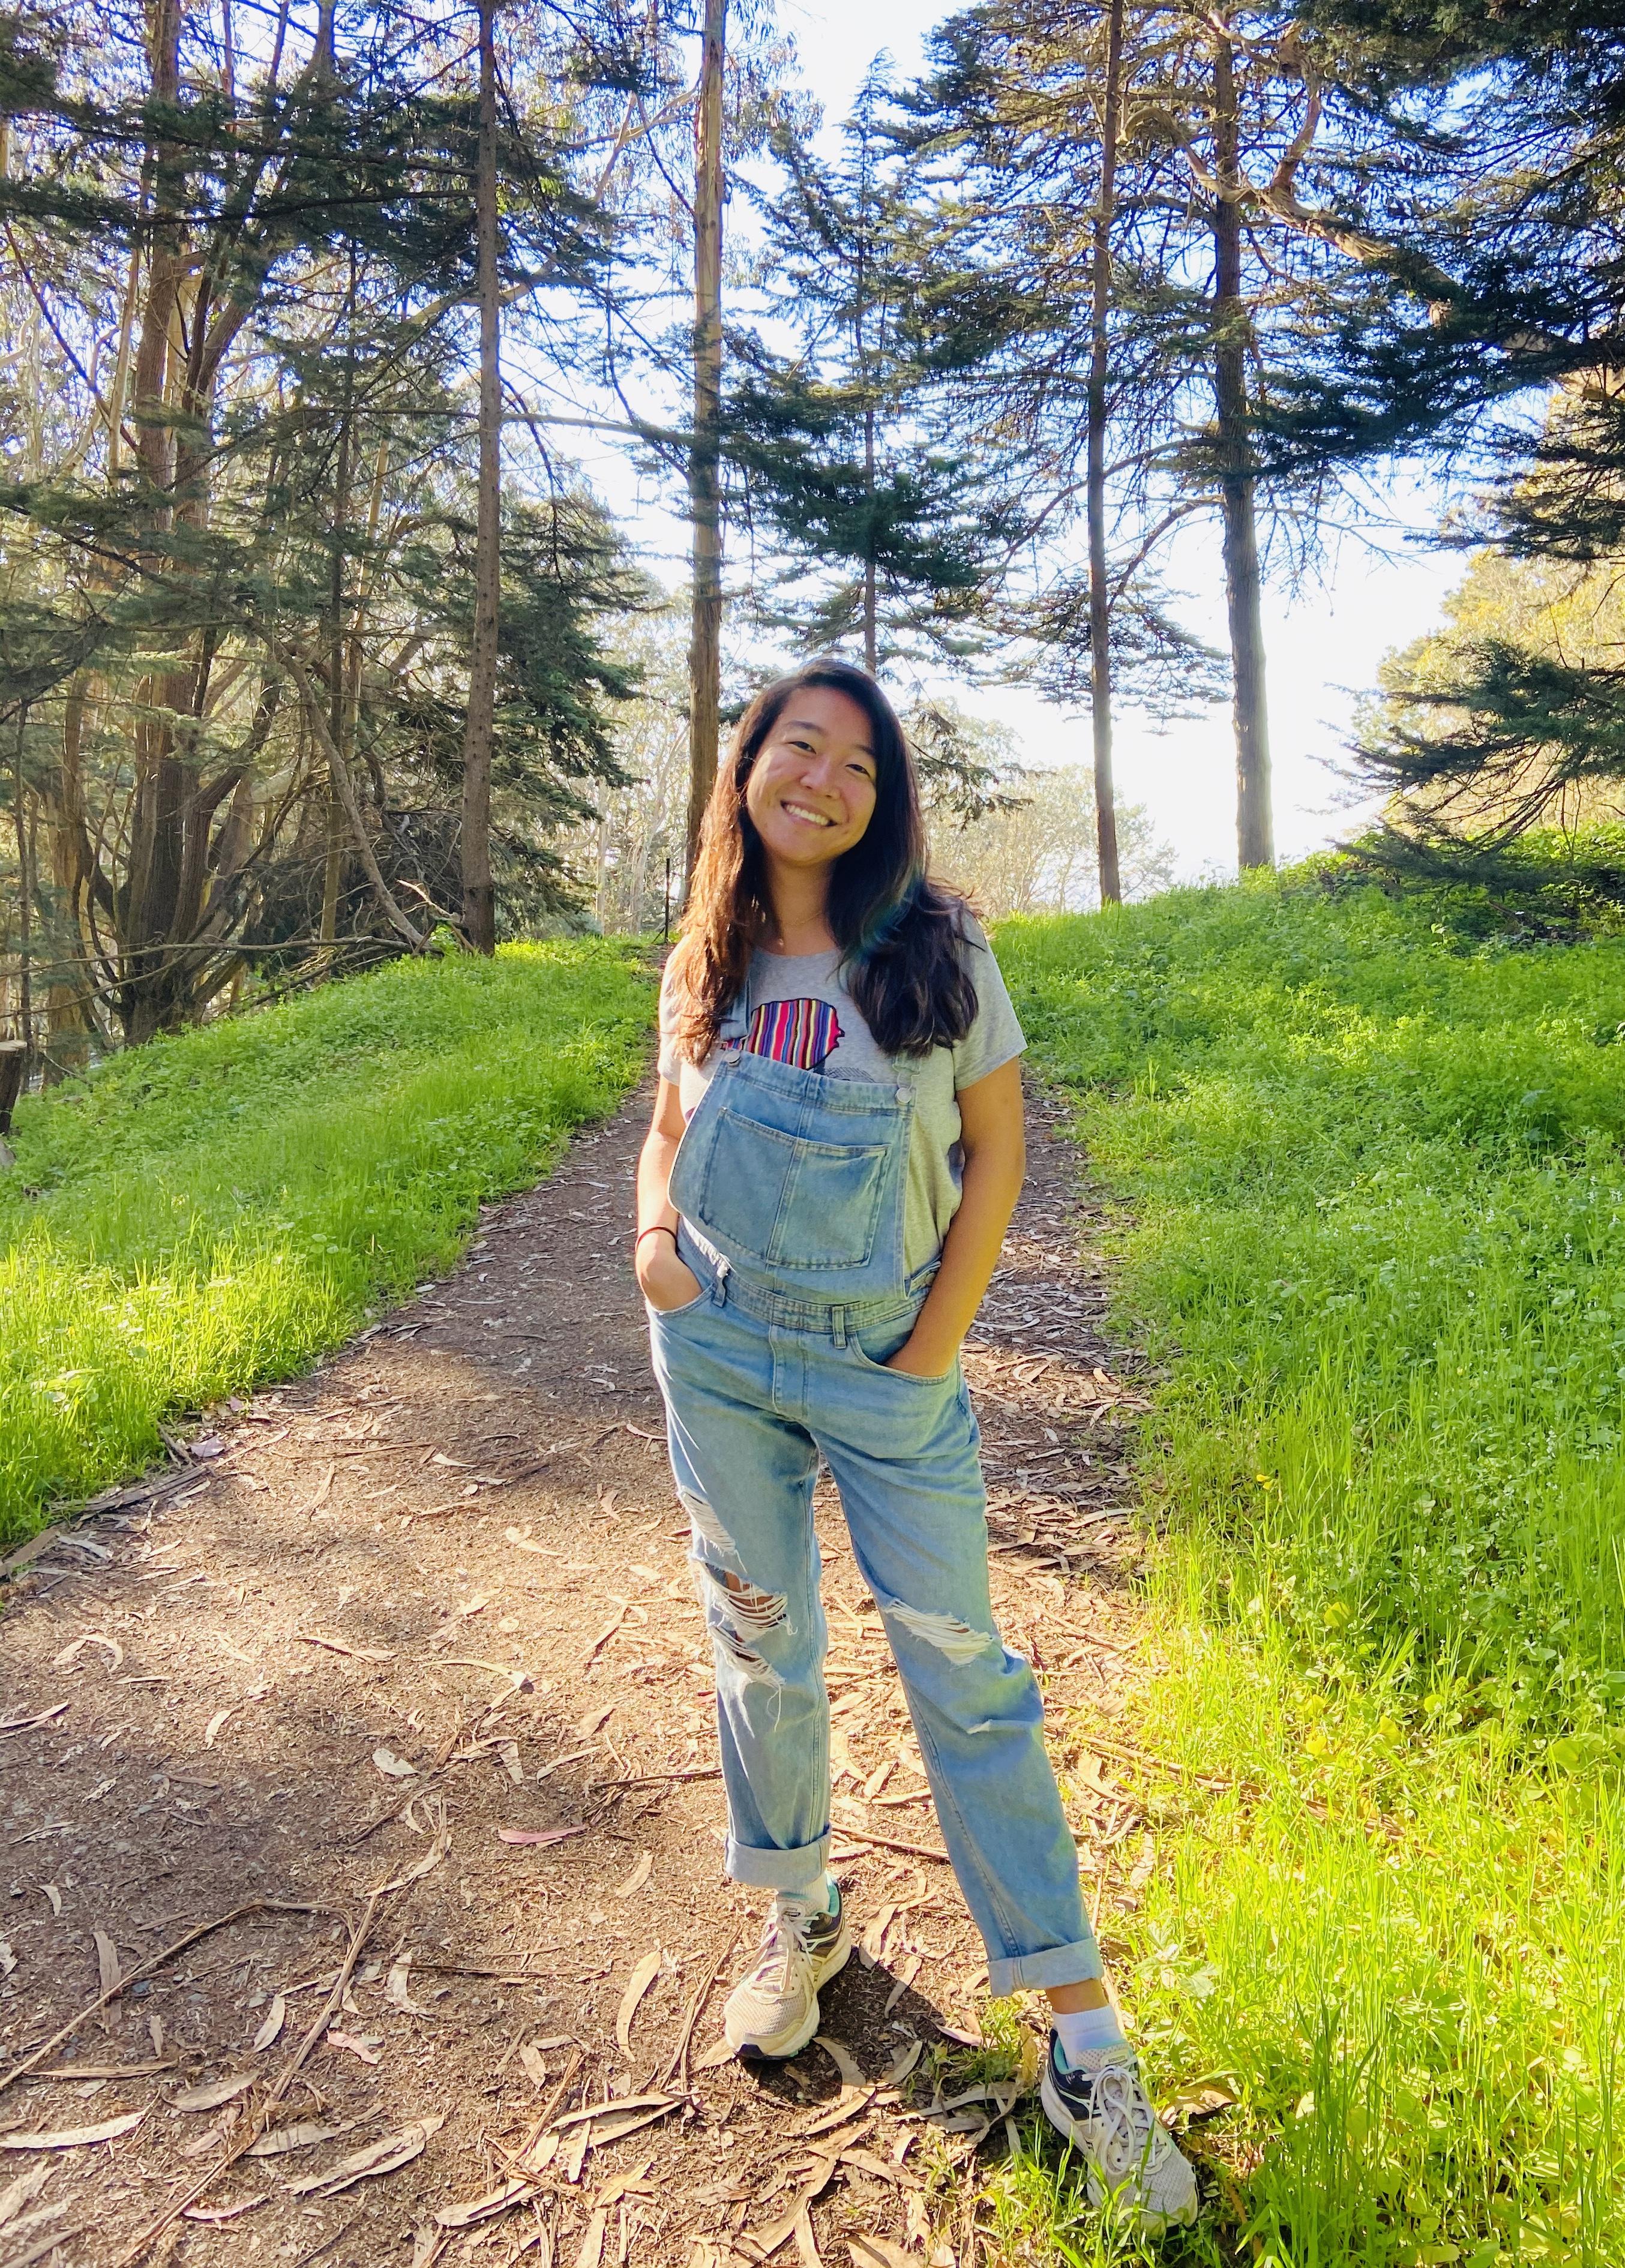 Hiking in the presidio